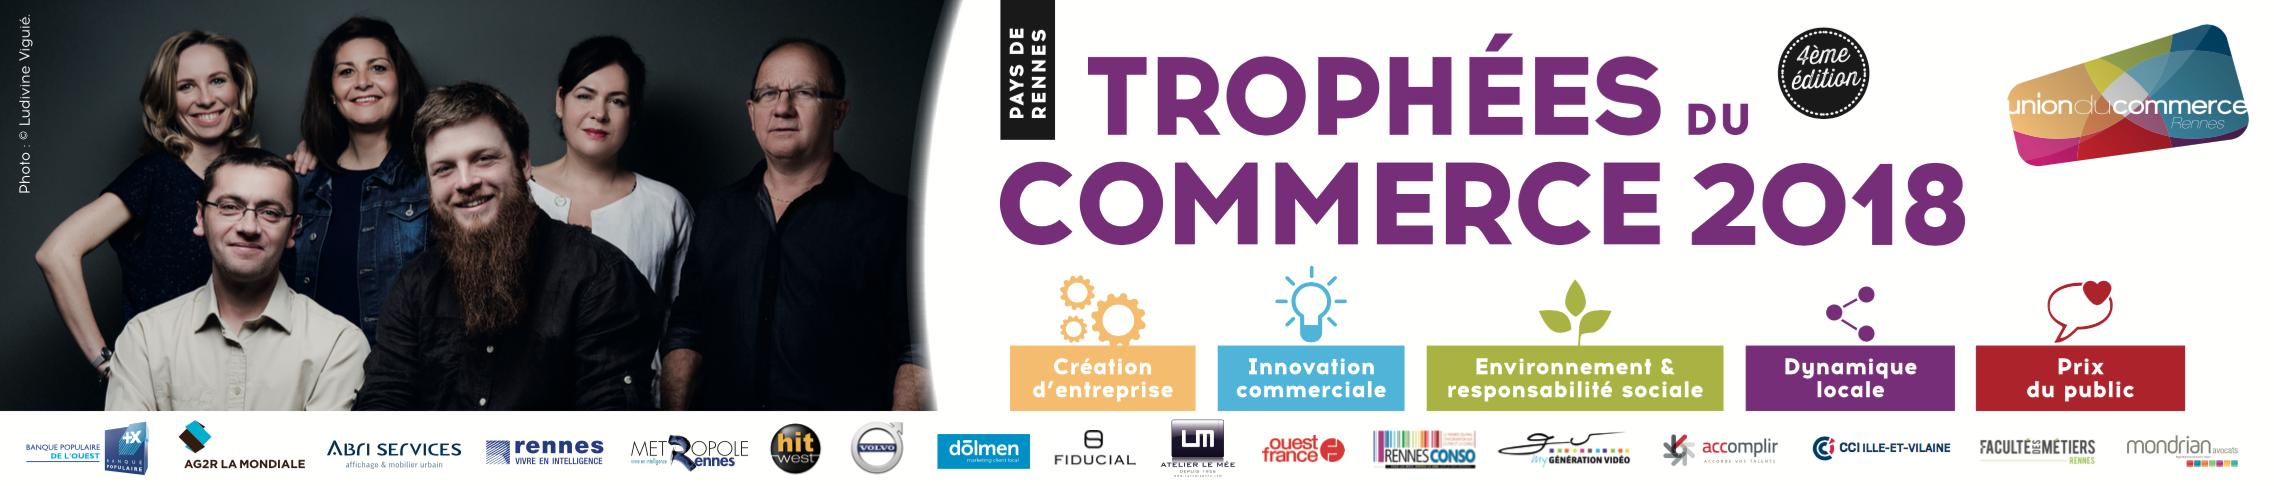 Trophées du Commerce édition 2015